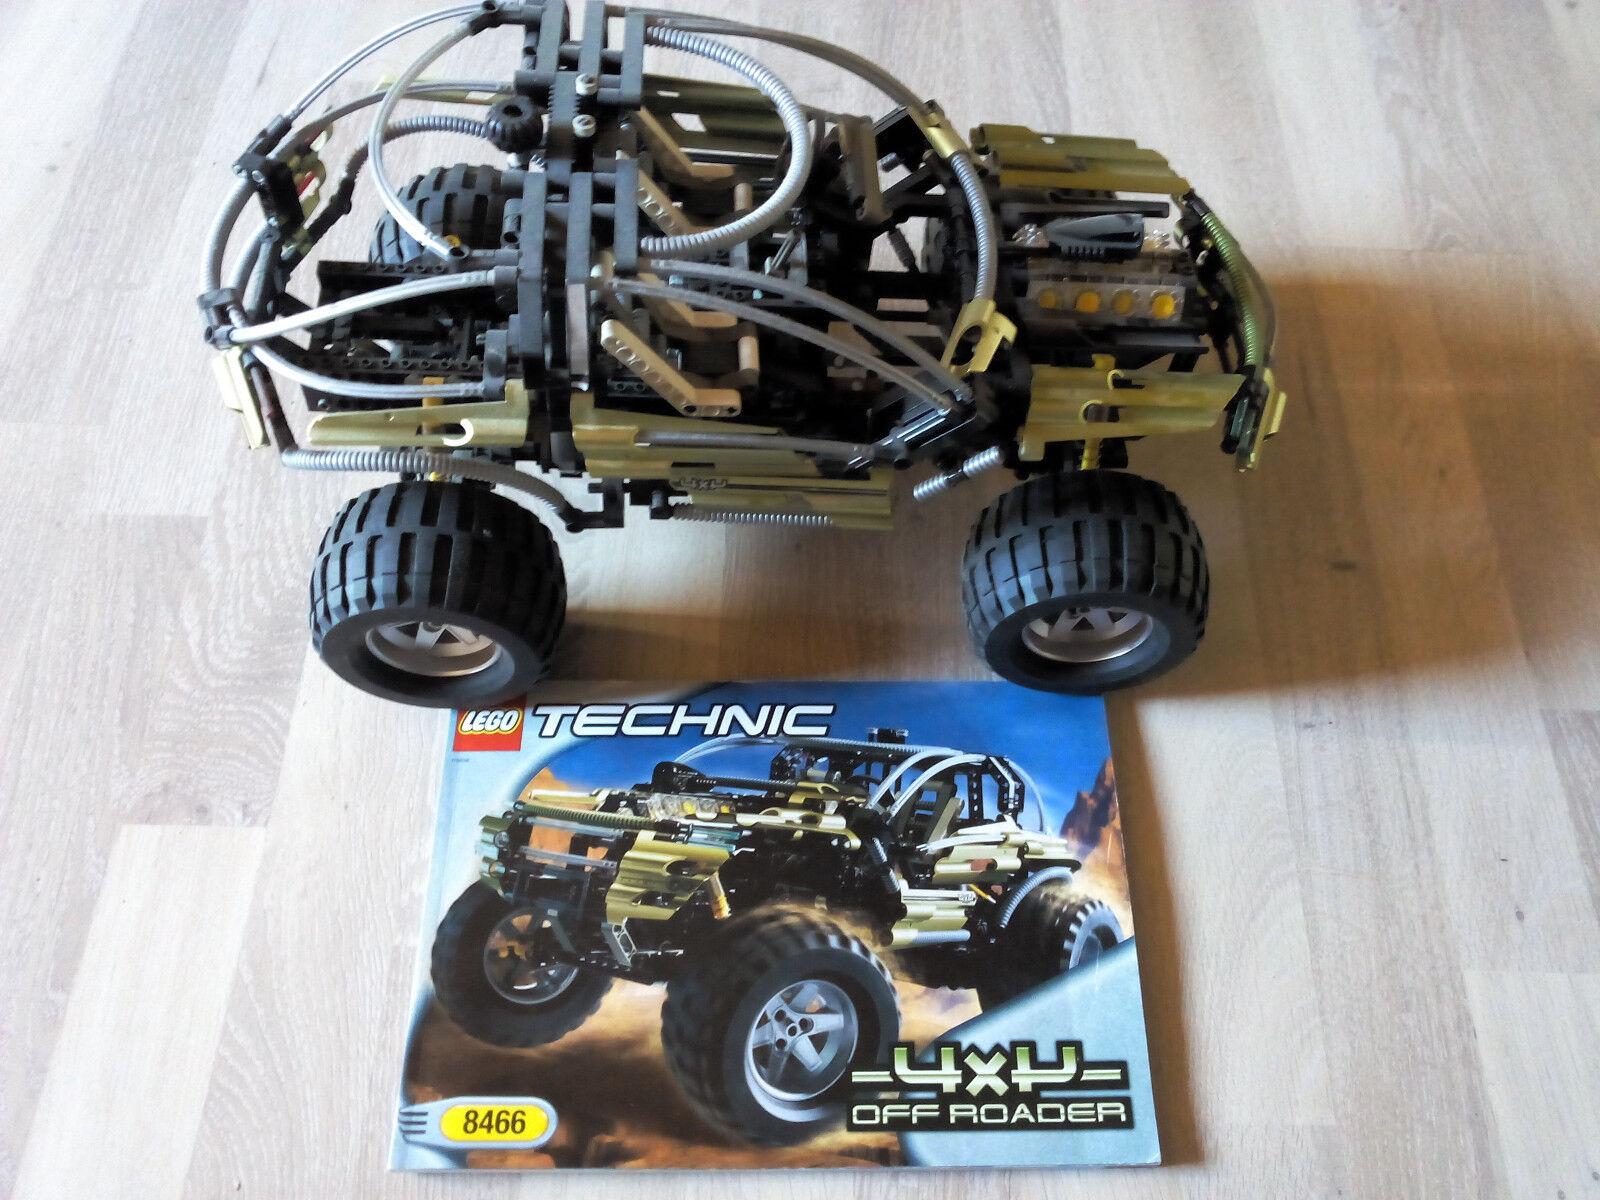 Lego Technic Technik 8466 Off Roader 4x4 / TOP ZUSTAND - Rarität von 2001